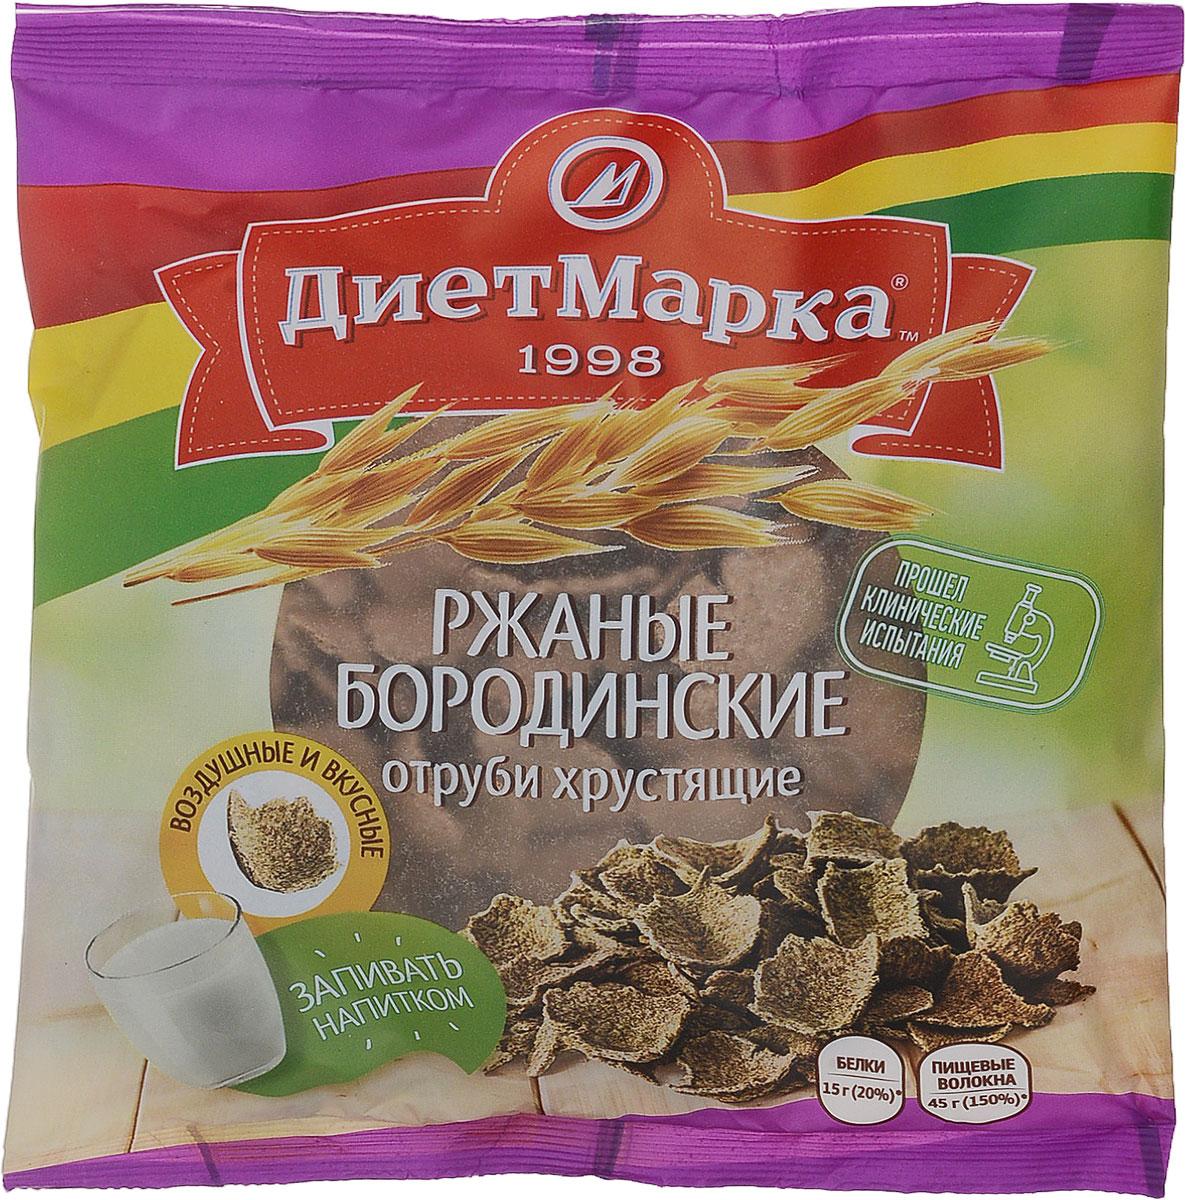 Диет Марка отруби хрустящие №28 ржаные бородинские, 100 г сибирские отруби хрустящие сила фруктов 100 г